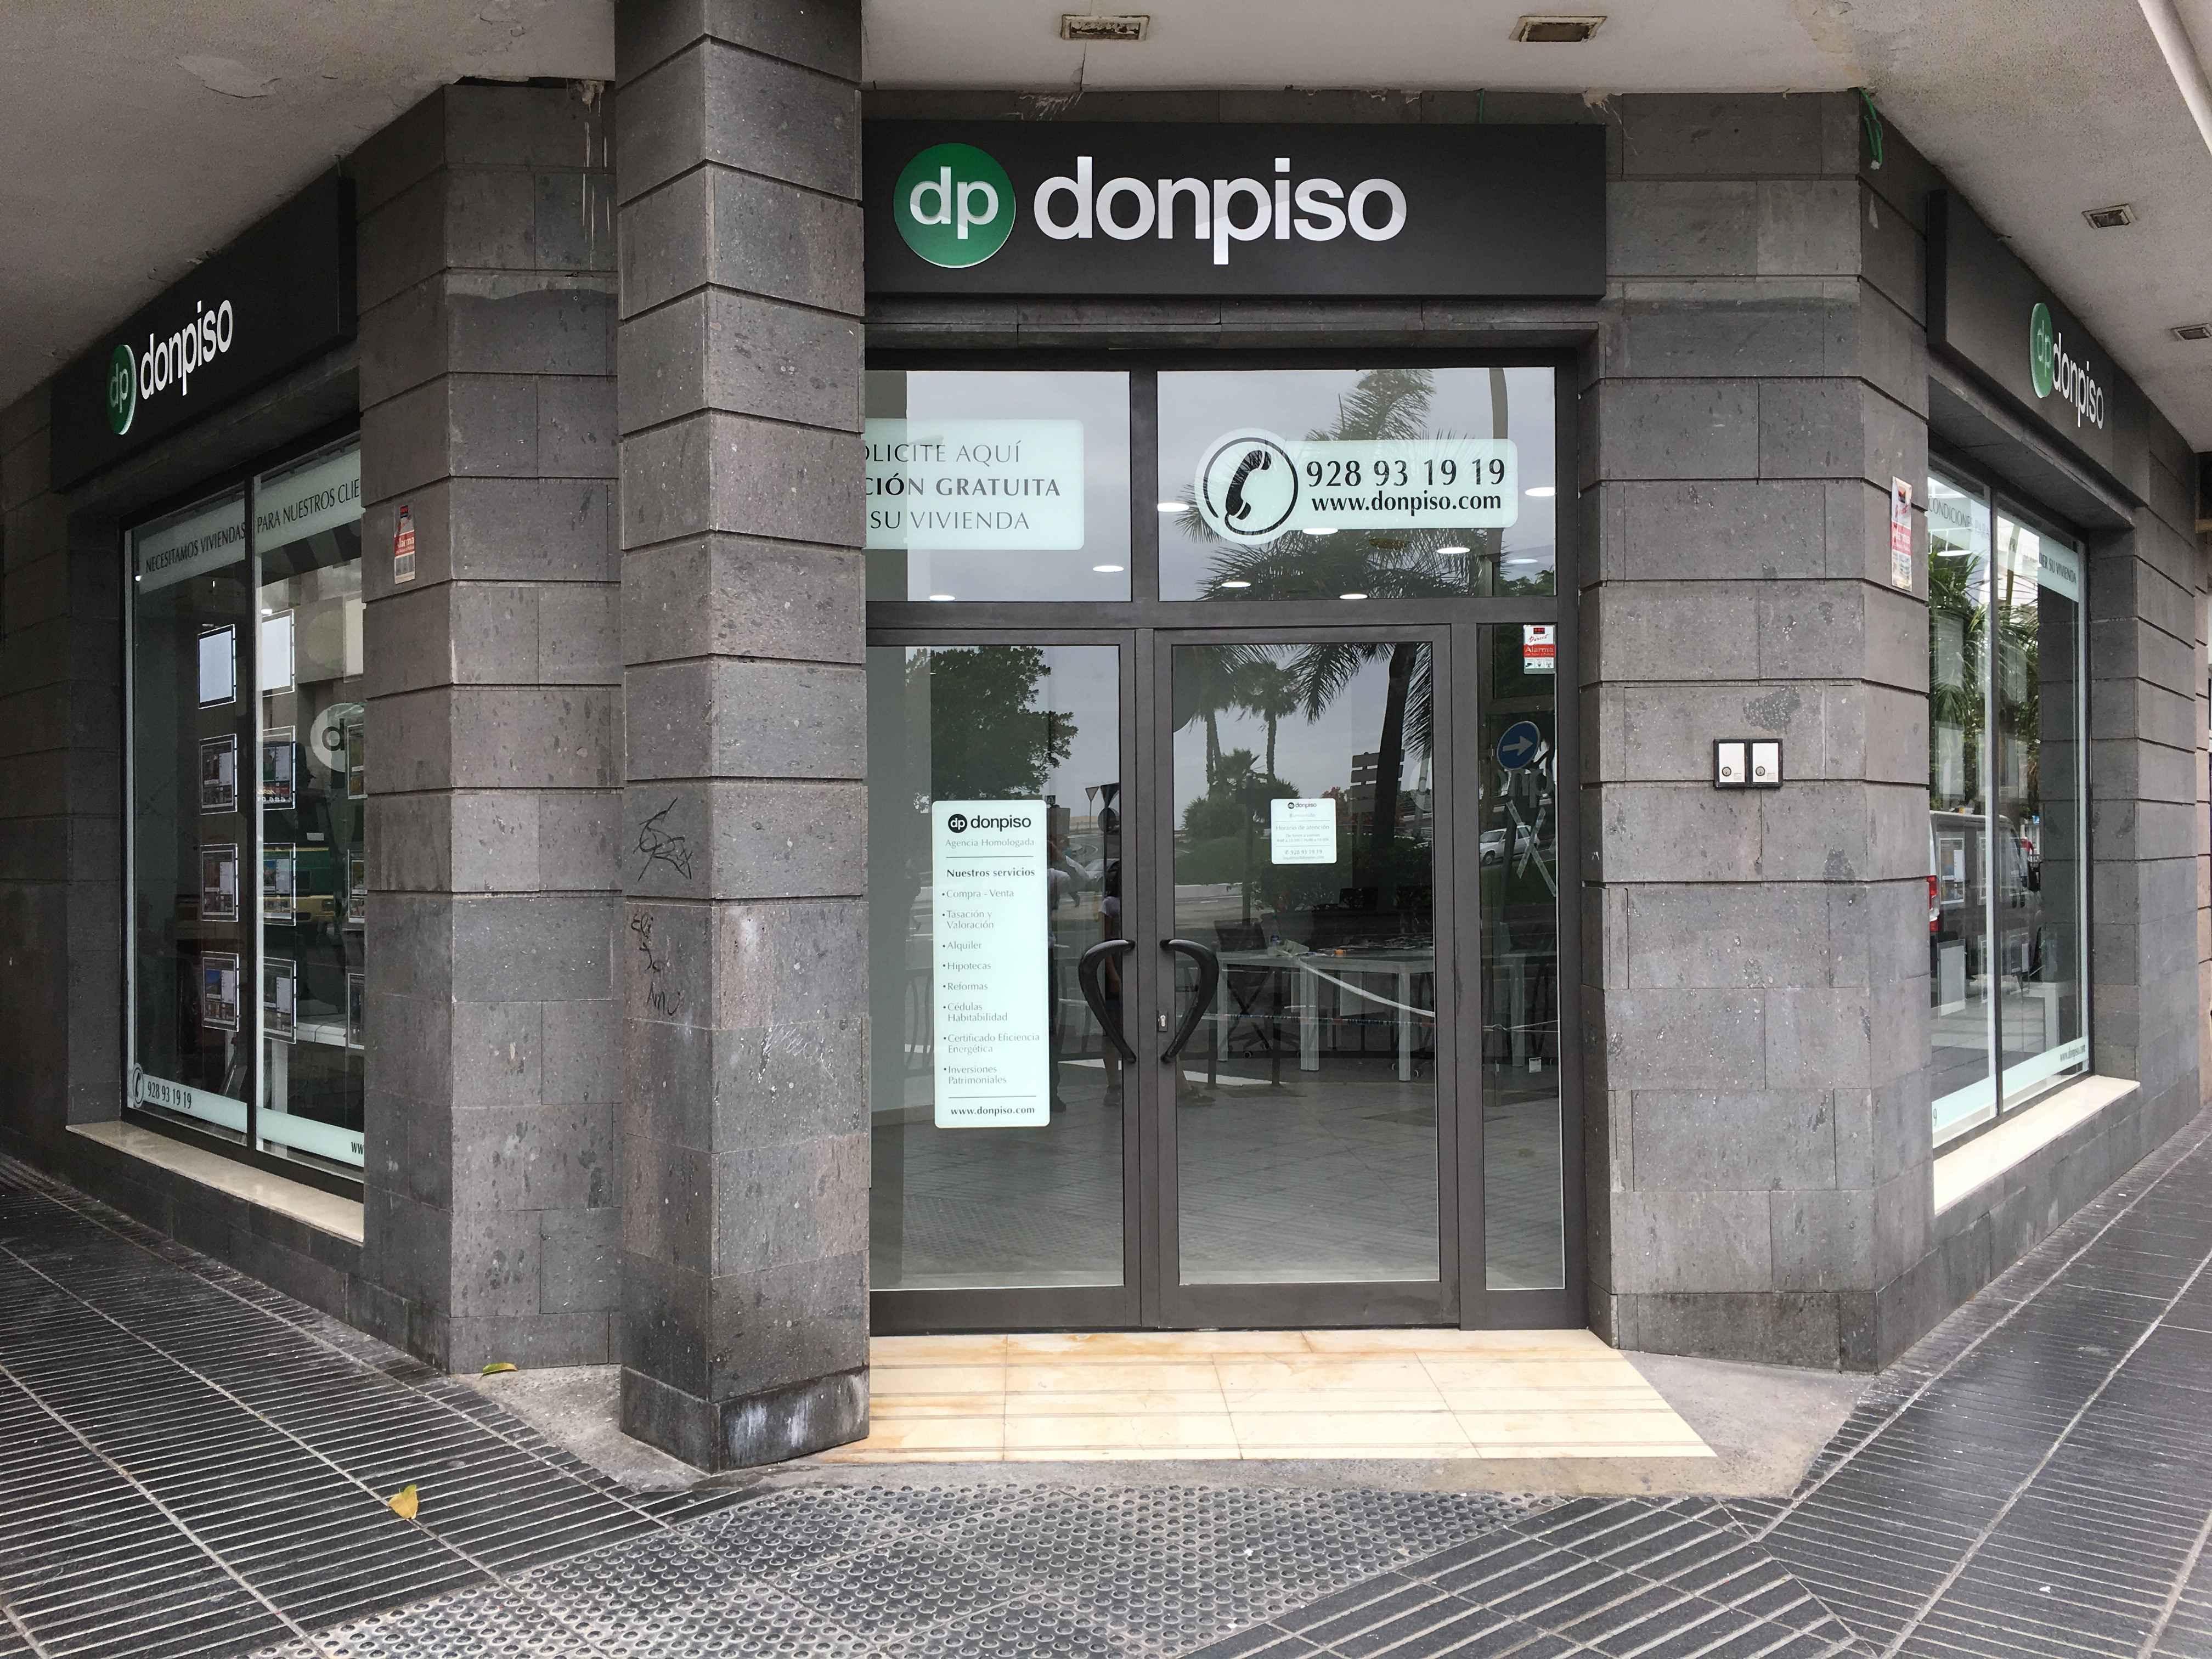 oficina donpiso Las Palmas de Gran Canarias